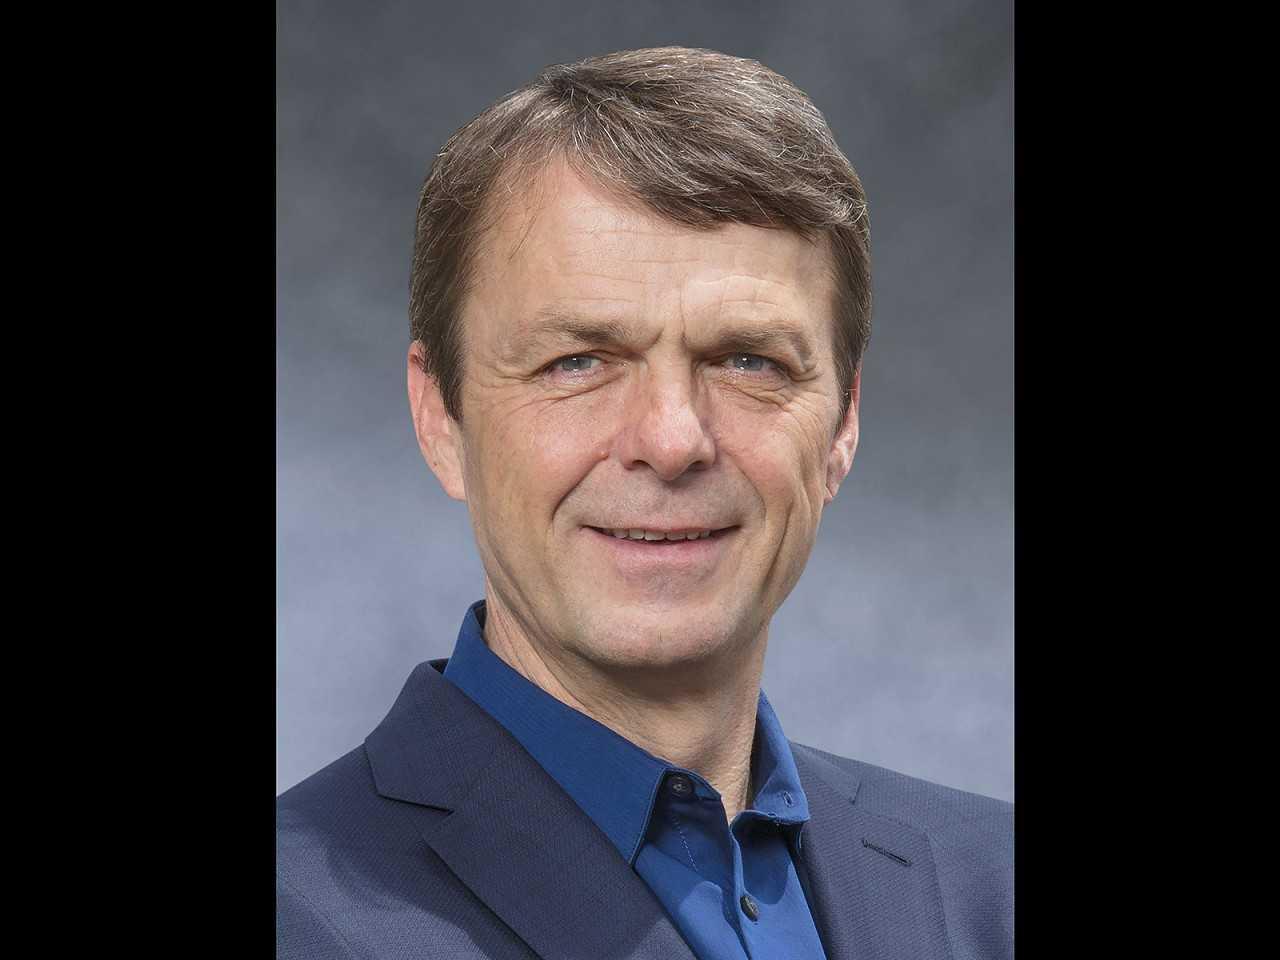 Acima o inglês Michael Manley, que torna-se o novo CEO global da Fiat Chrysler Automobiles